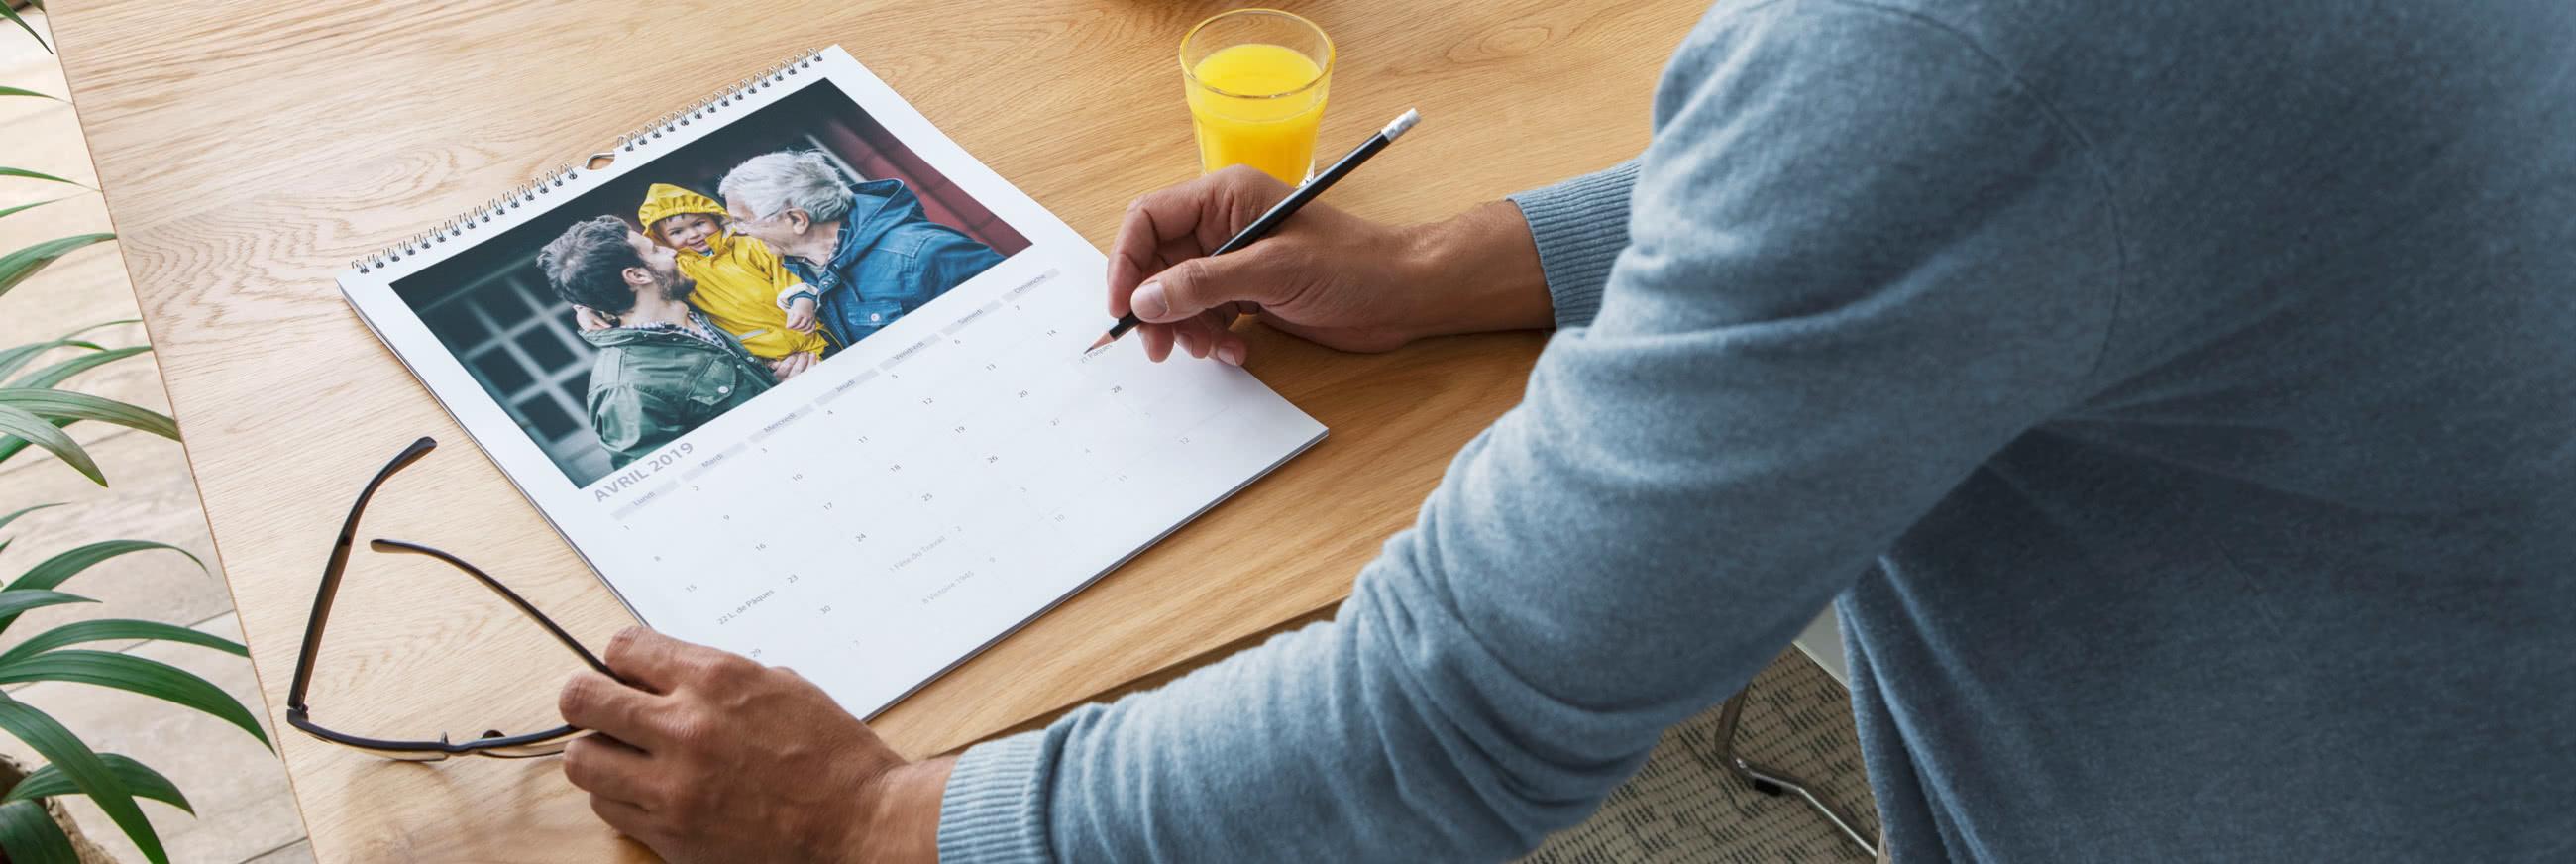 calendrier photo et agenda personnalisé 2018-2019 | photobox